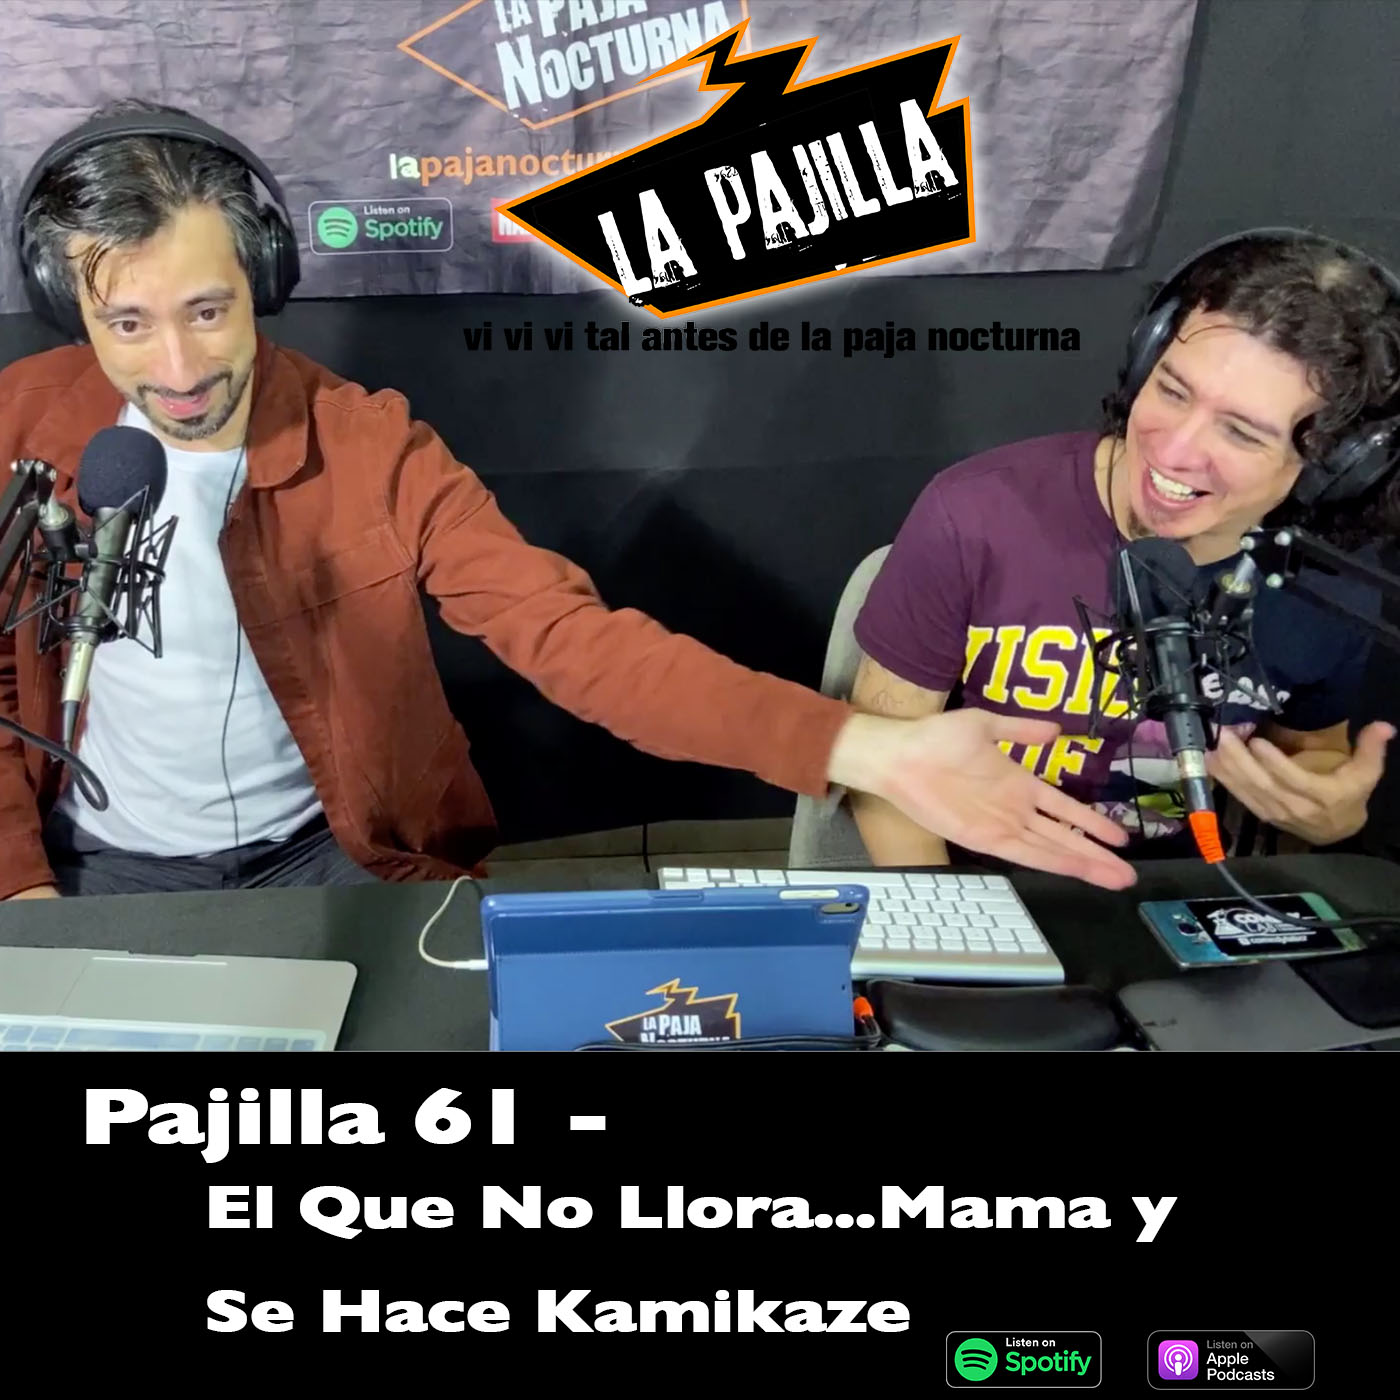 La Paja Nocturna Podcast CR Pajilla 61